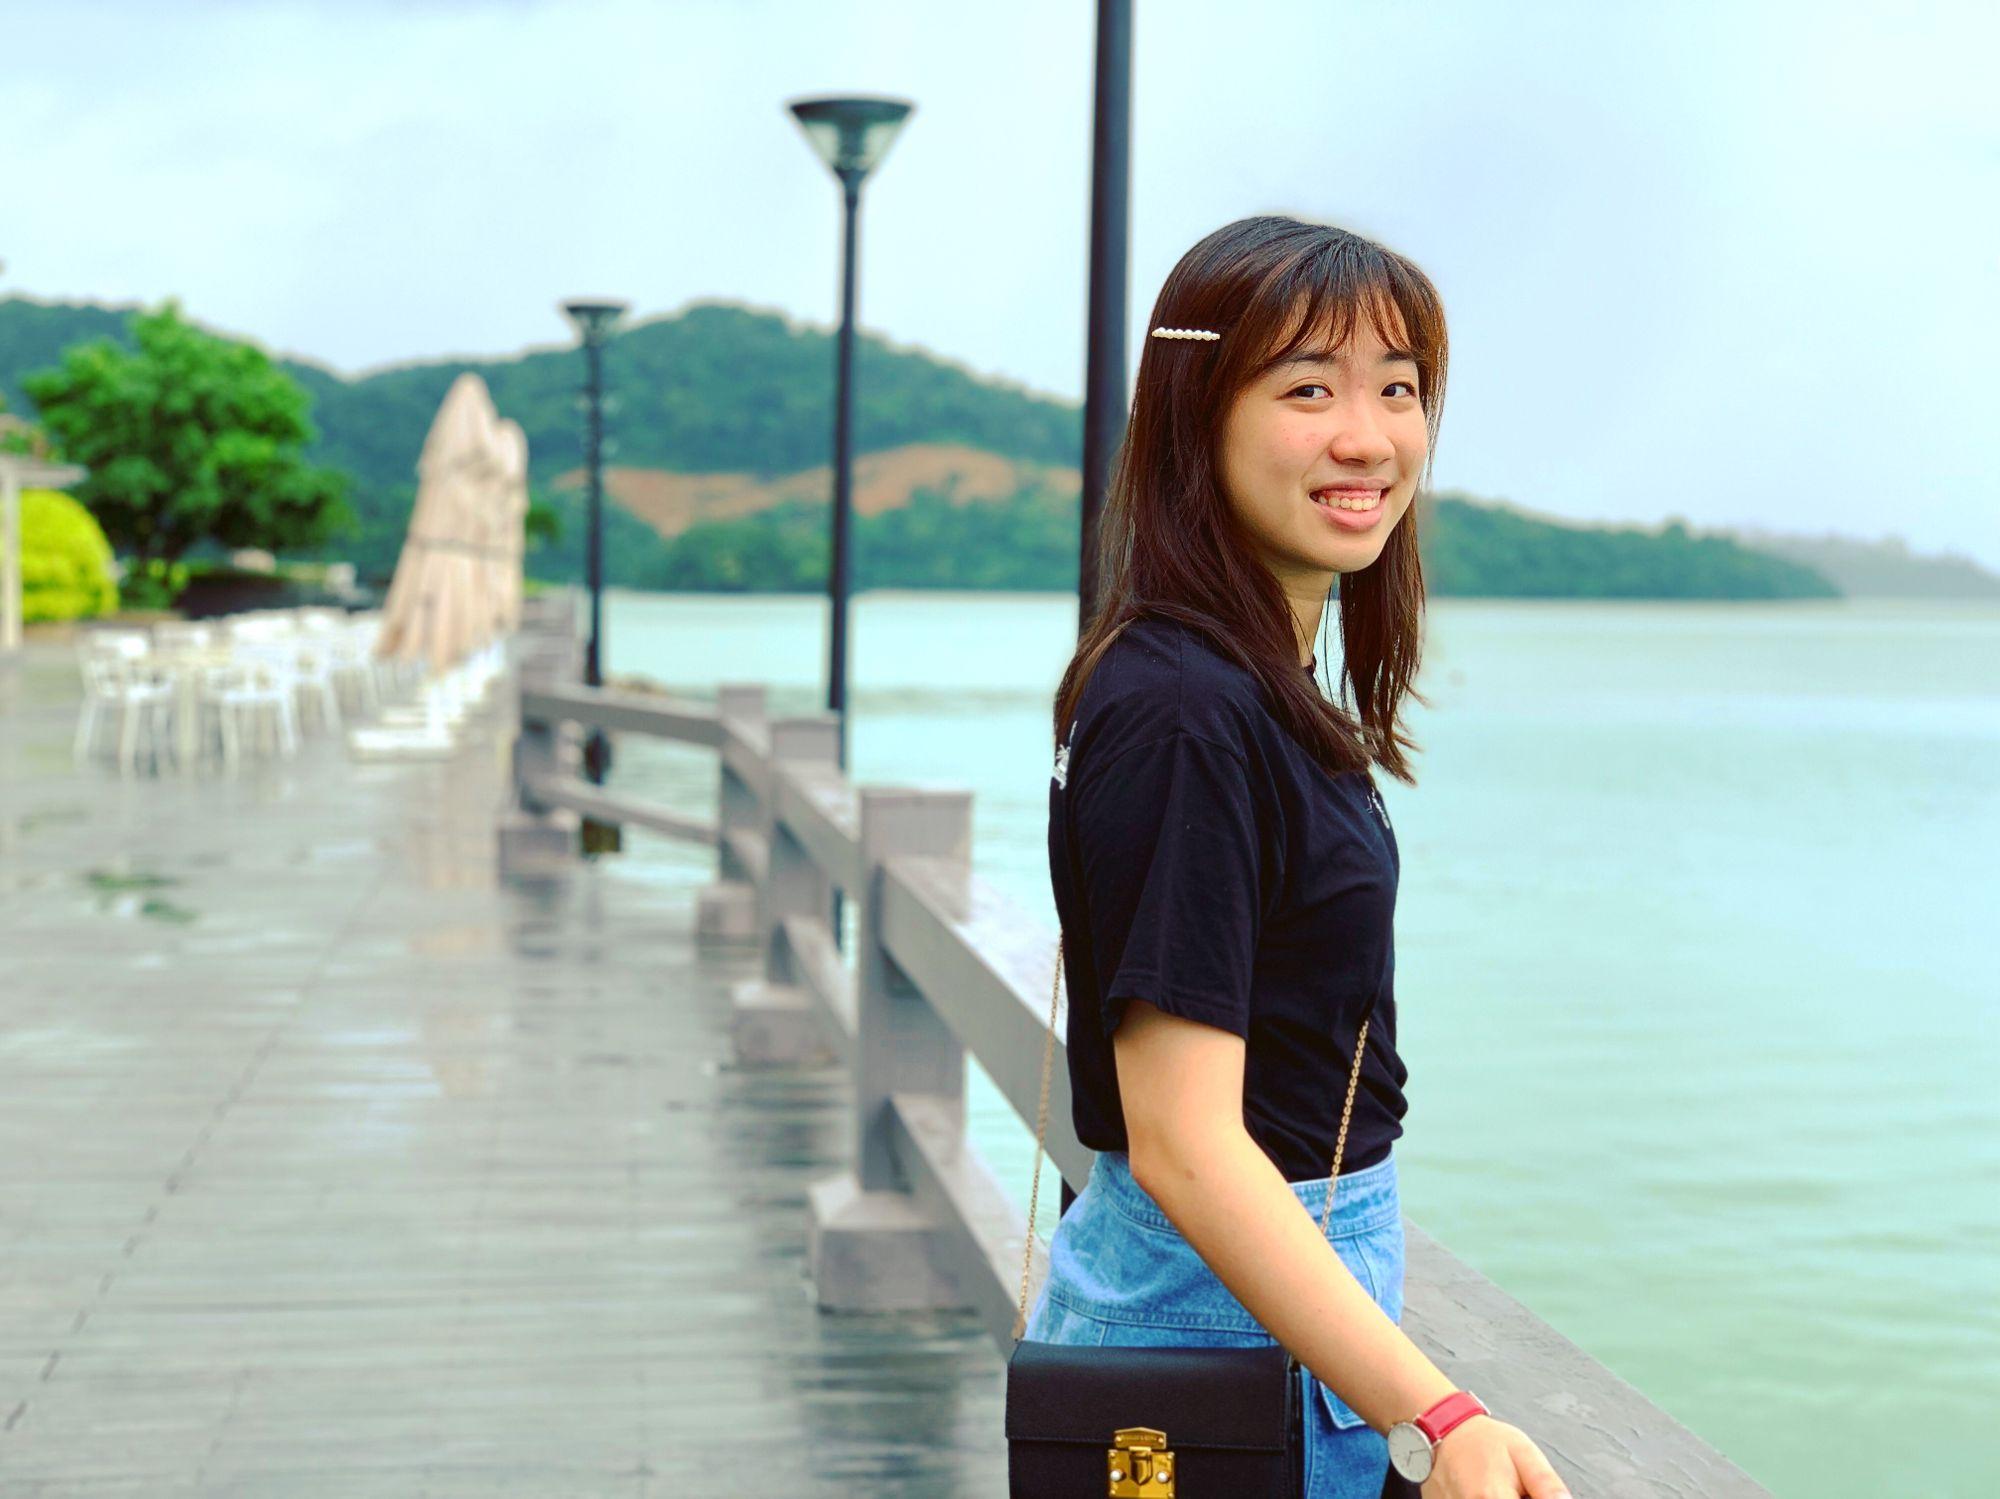 Yu Qian Lee